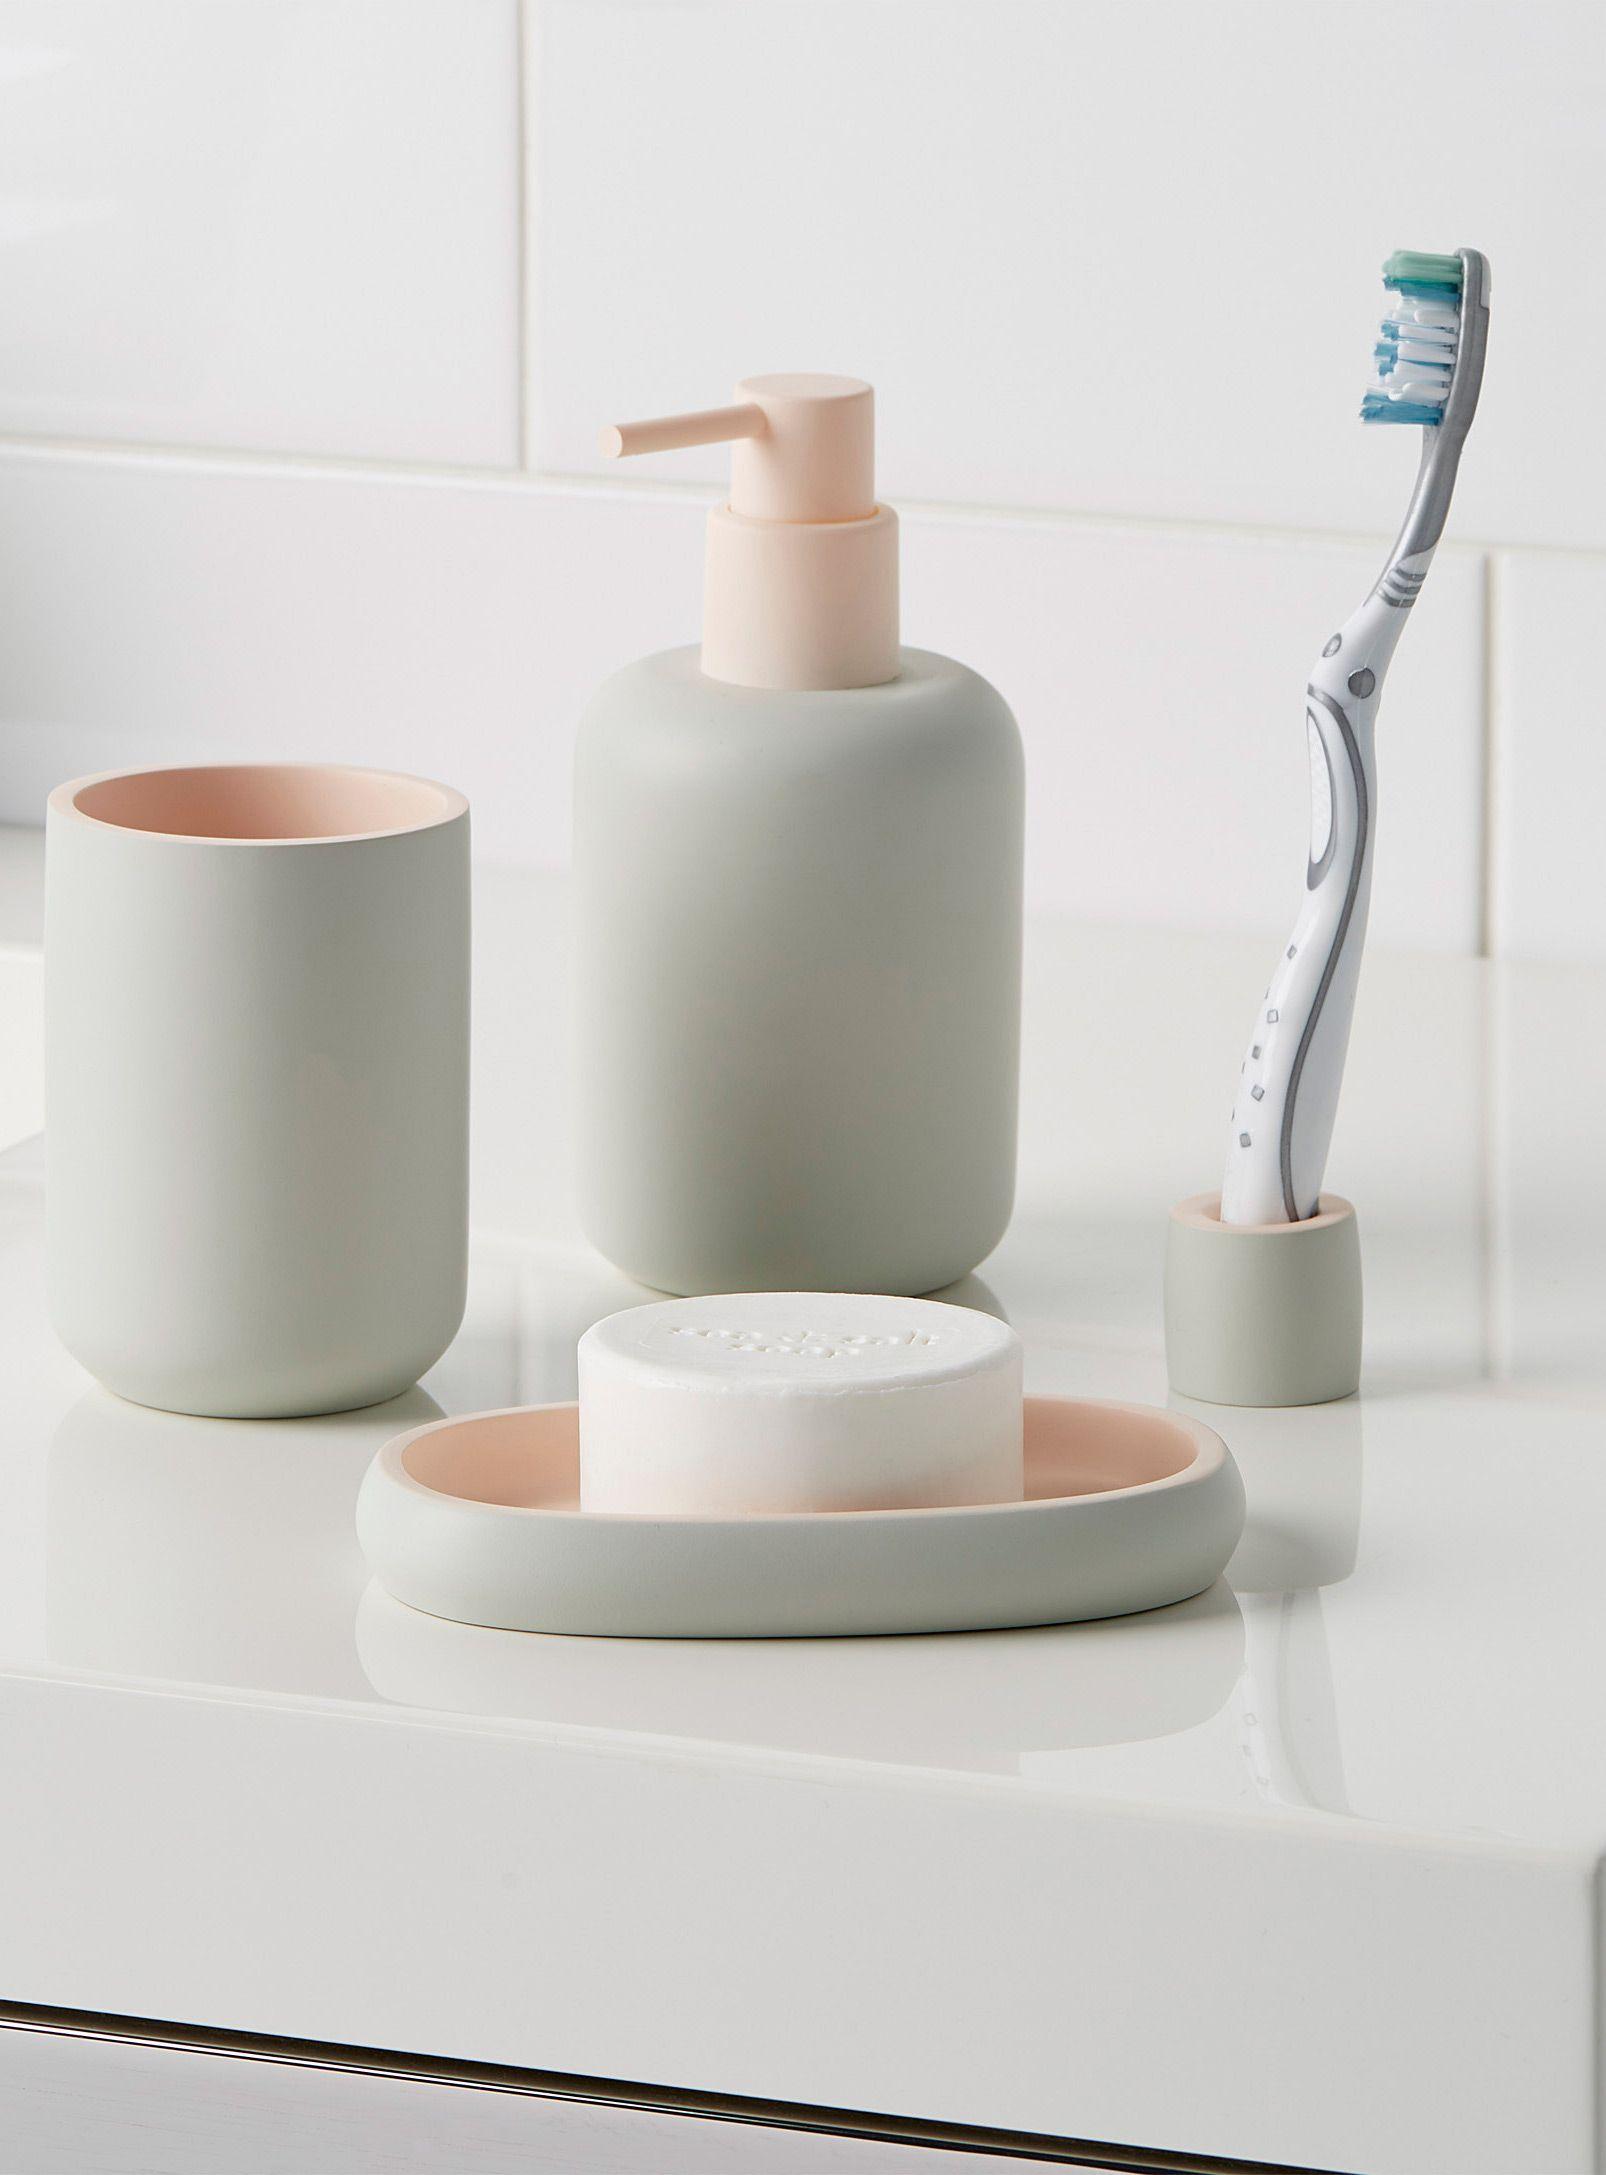 Minimalist two-tone accessories | Minimalist, Modern ceramics and ...